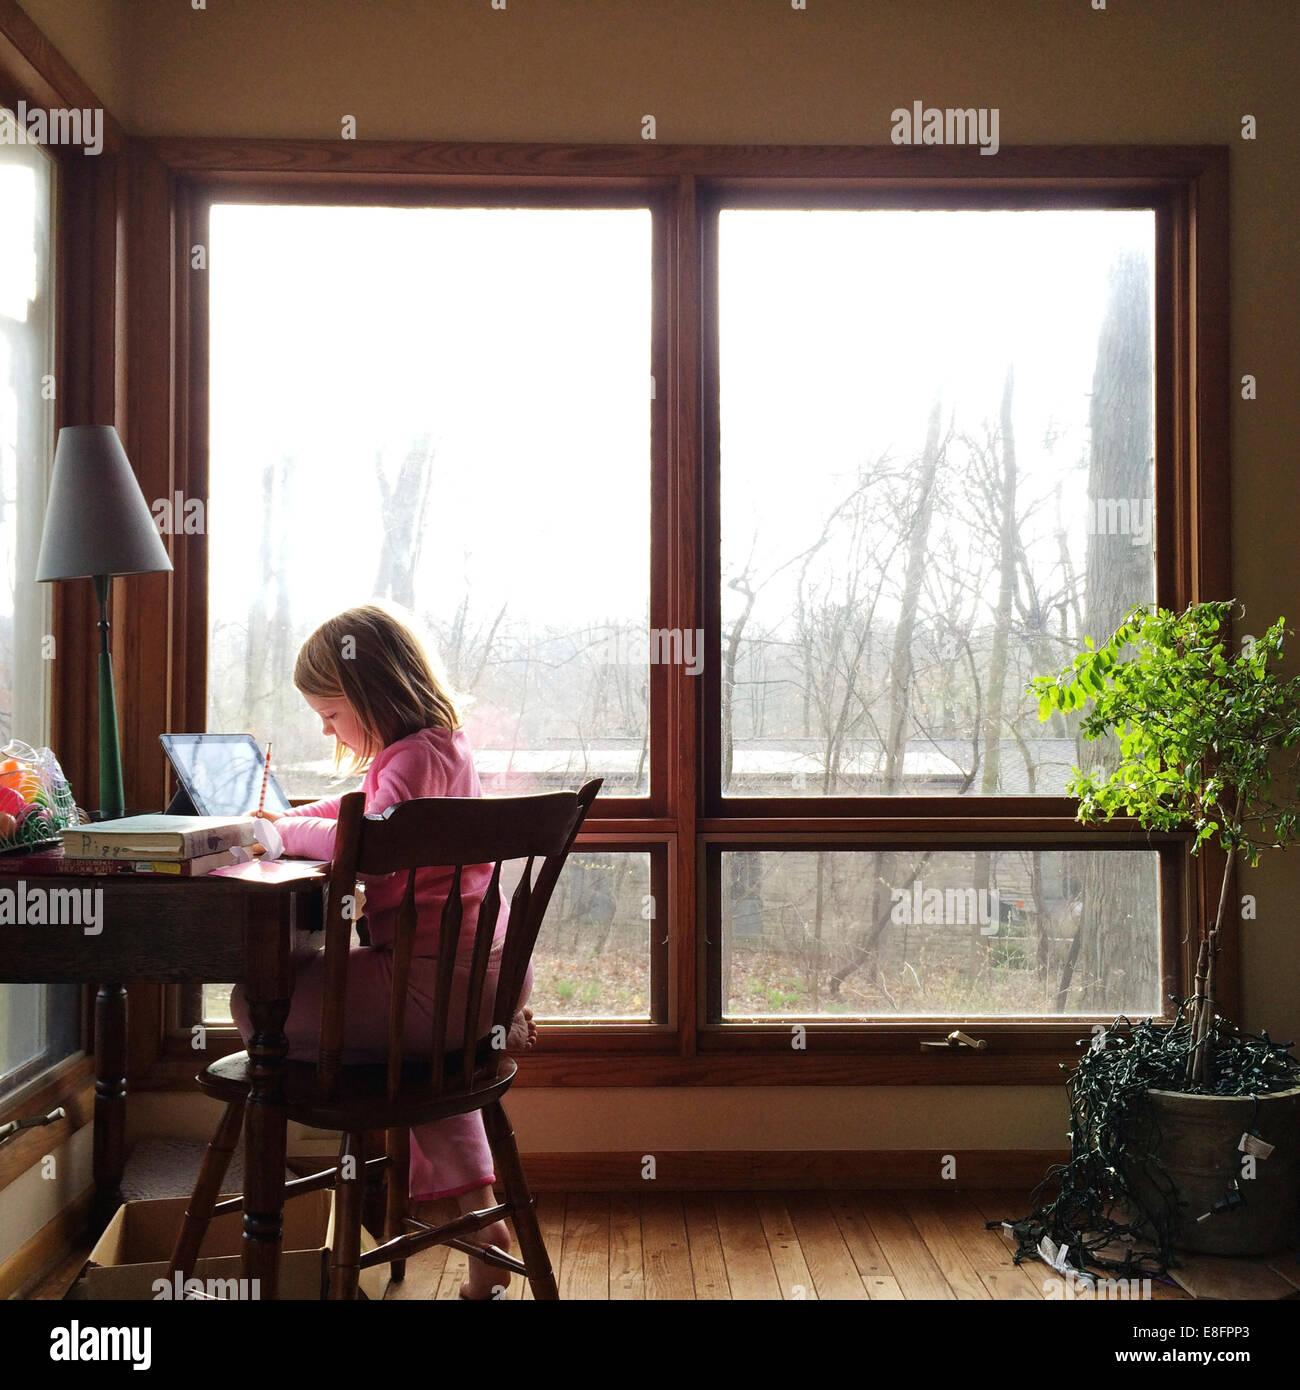 Ragazza seduta alla sua scrivania studiando Immagini Stock